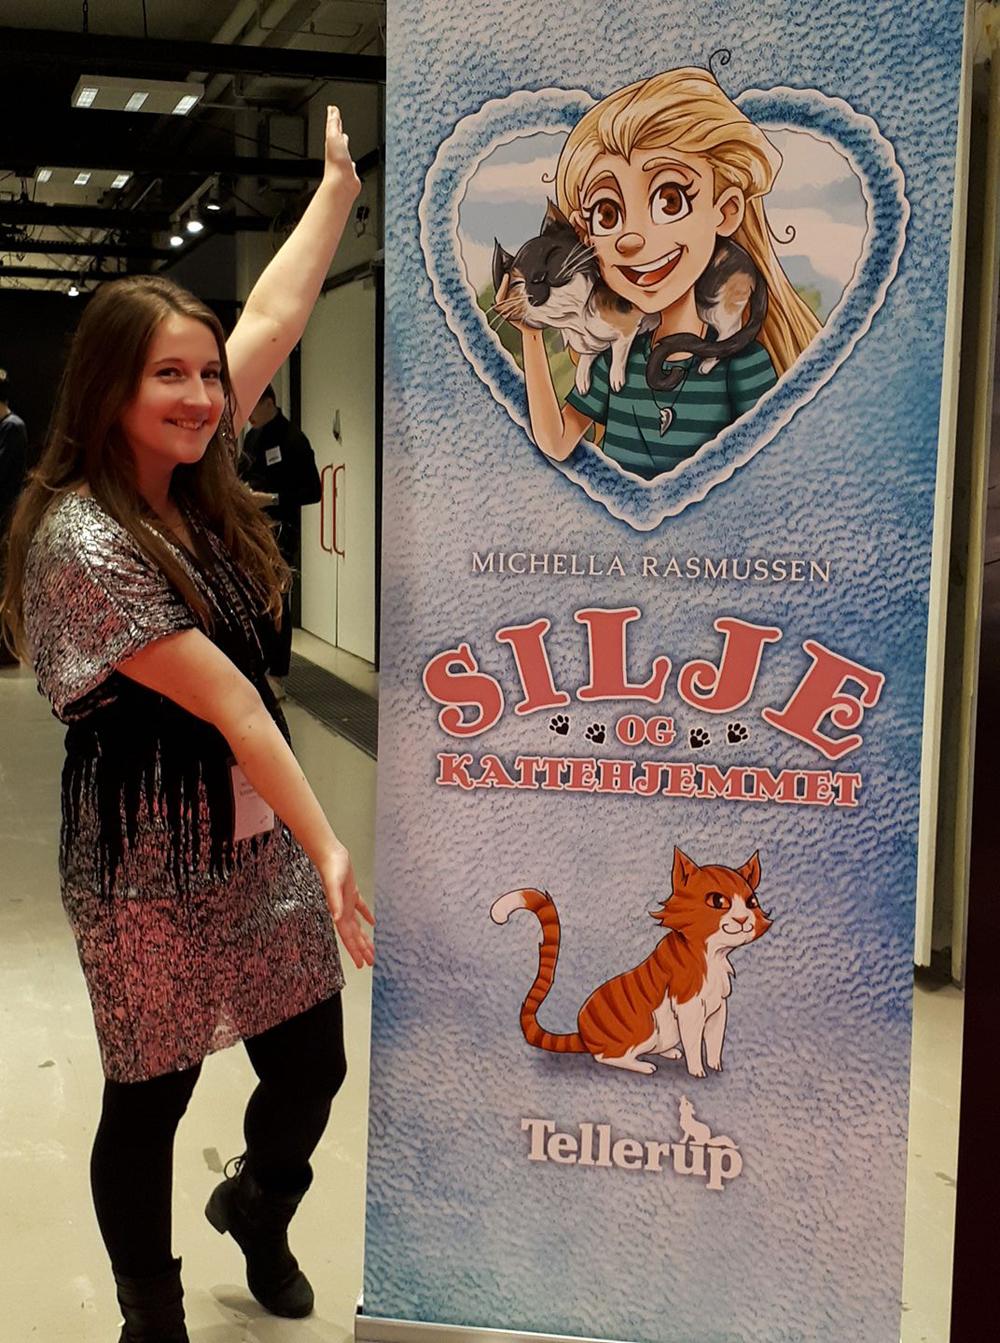 Forfatterstatus: Silje og Kattehjemmet havde fået sin egen roll-up på BogForum.